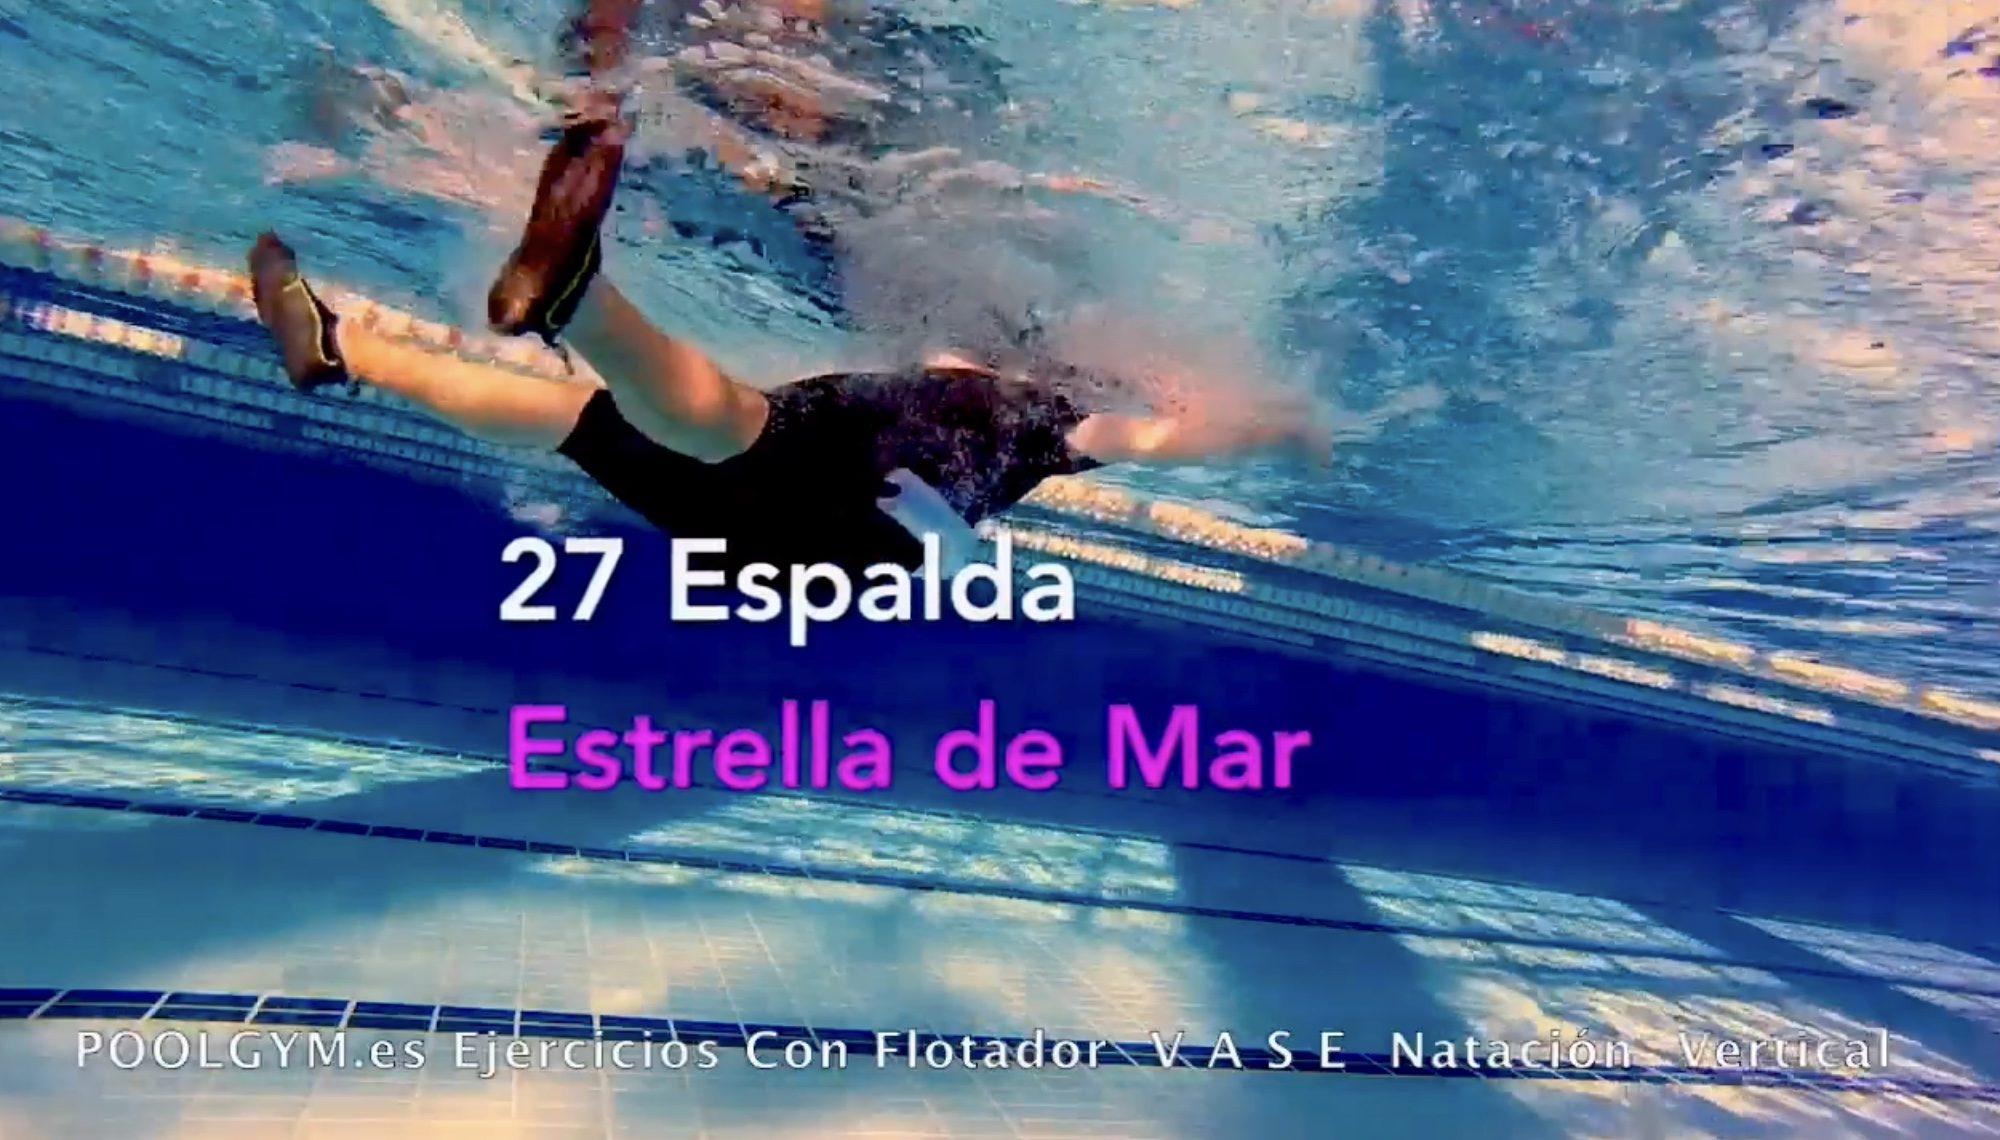 27 Espalda ESTRELLA DE MAR poolgym.ES